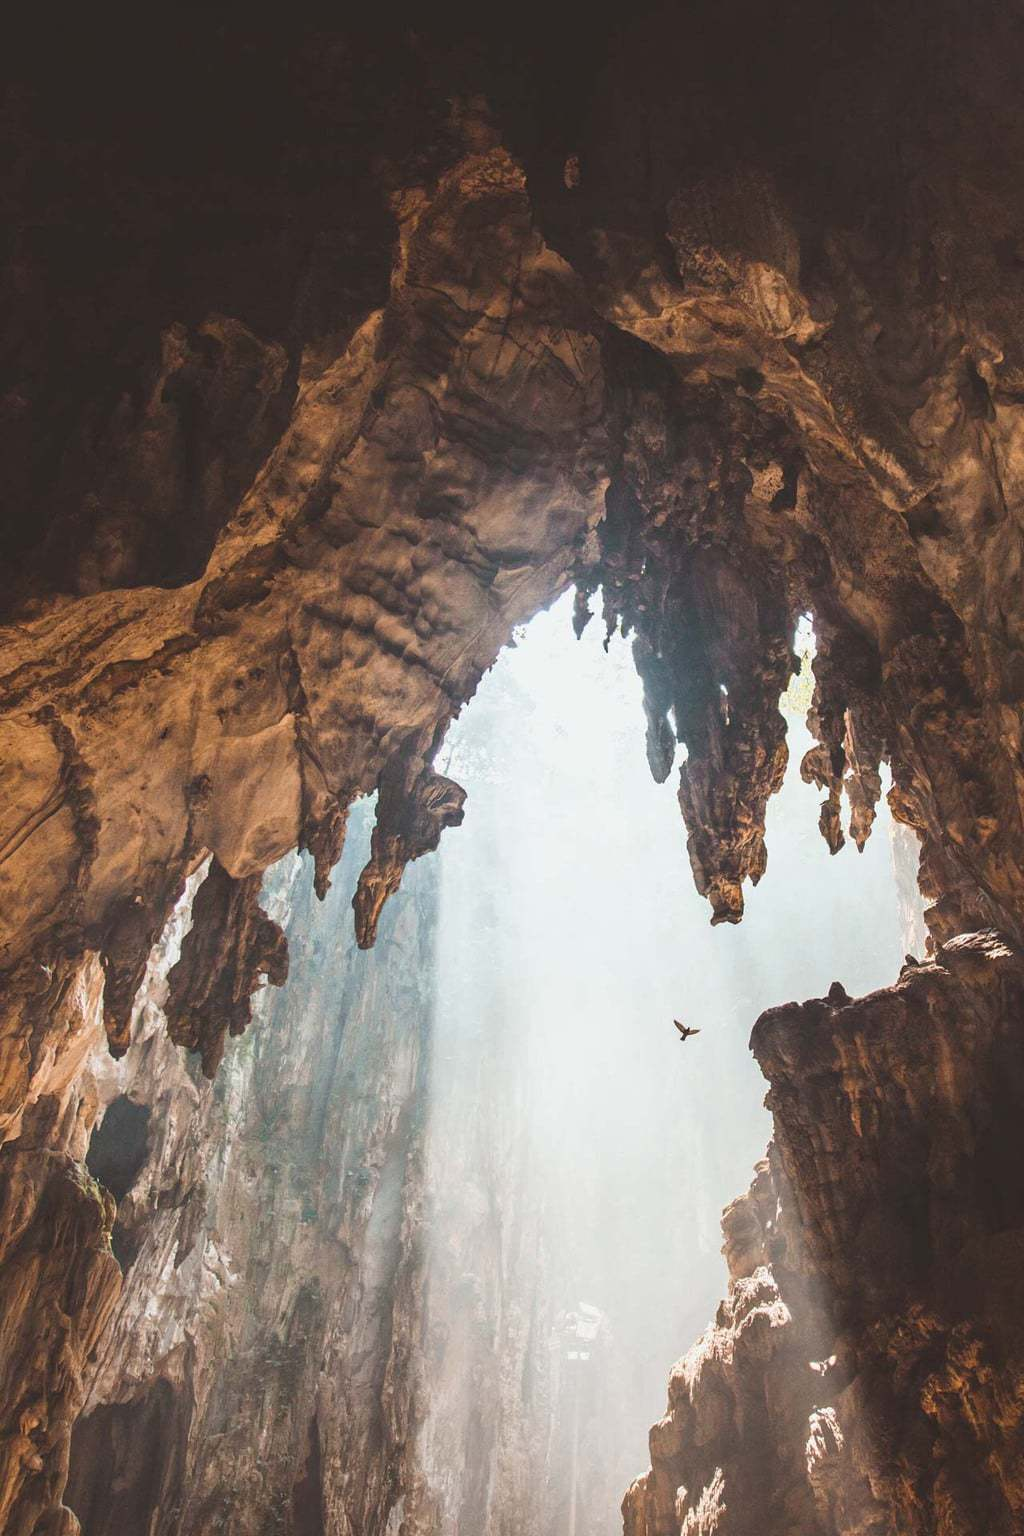 The Batu Caves, Kuala Lumpur